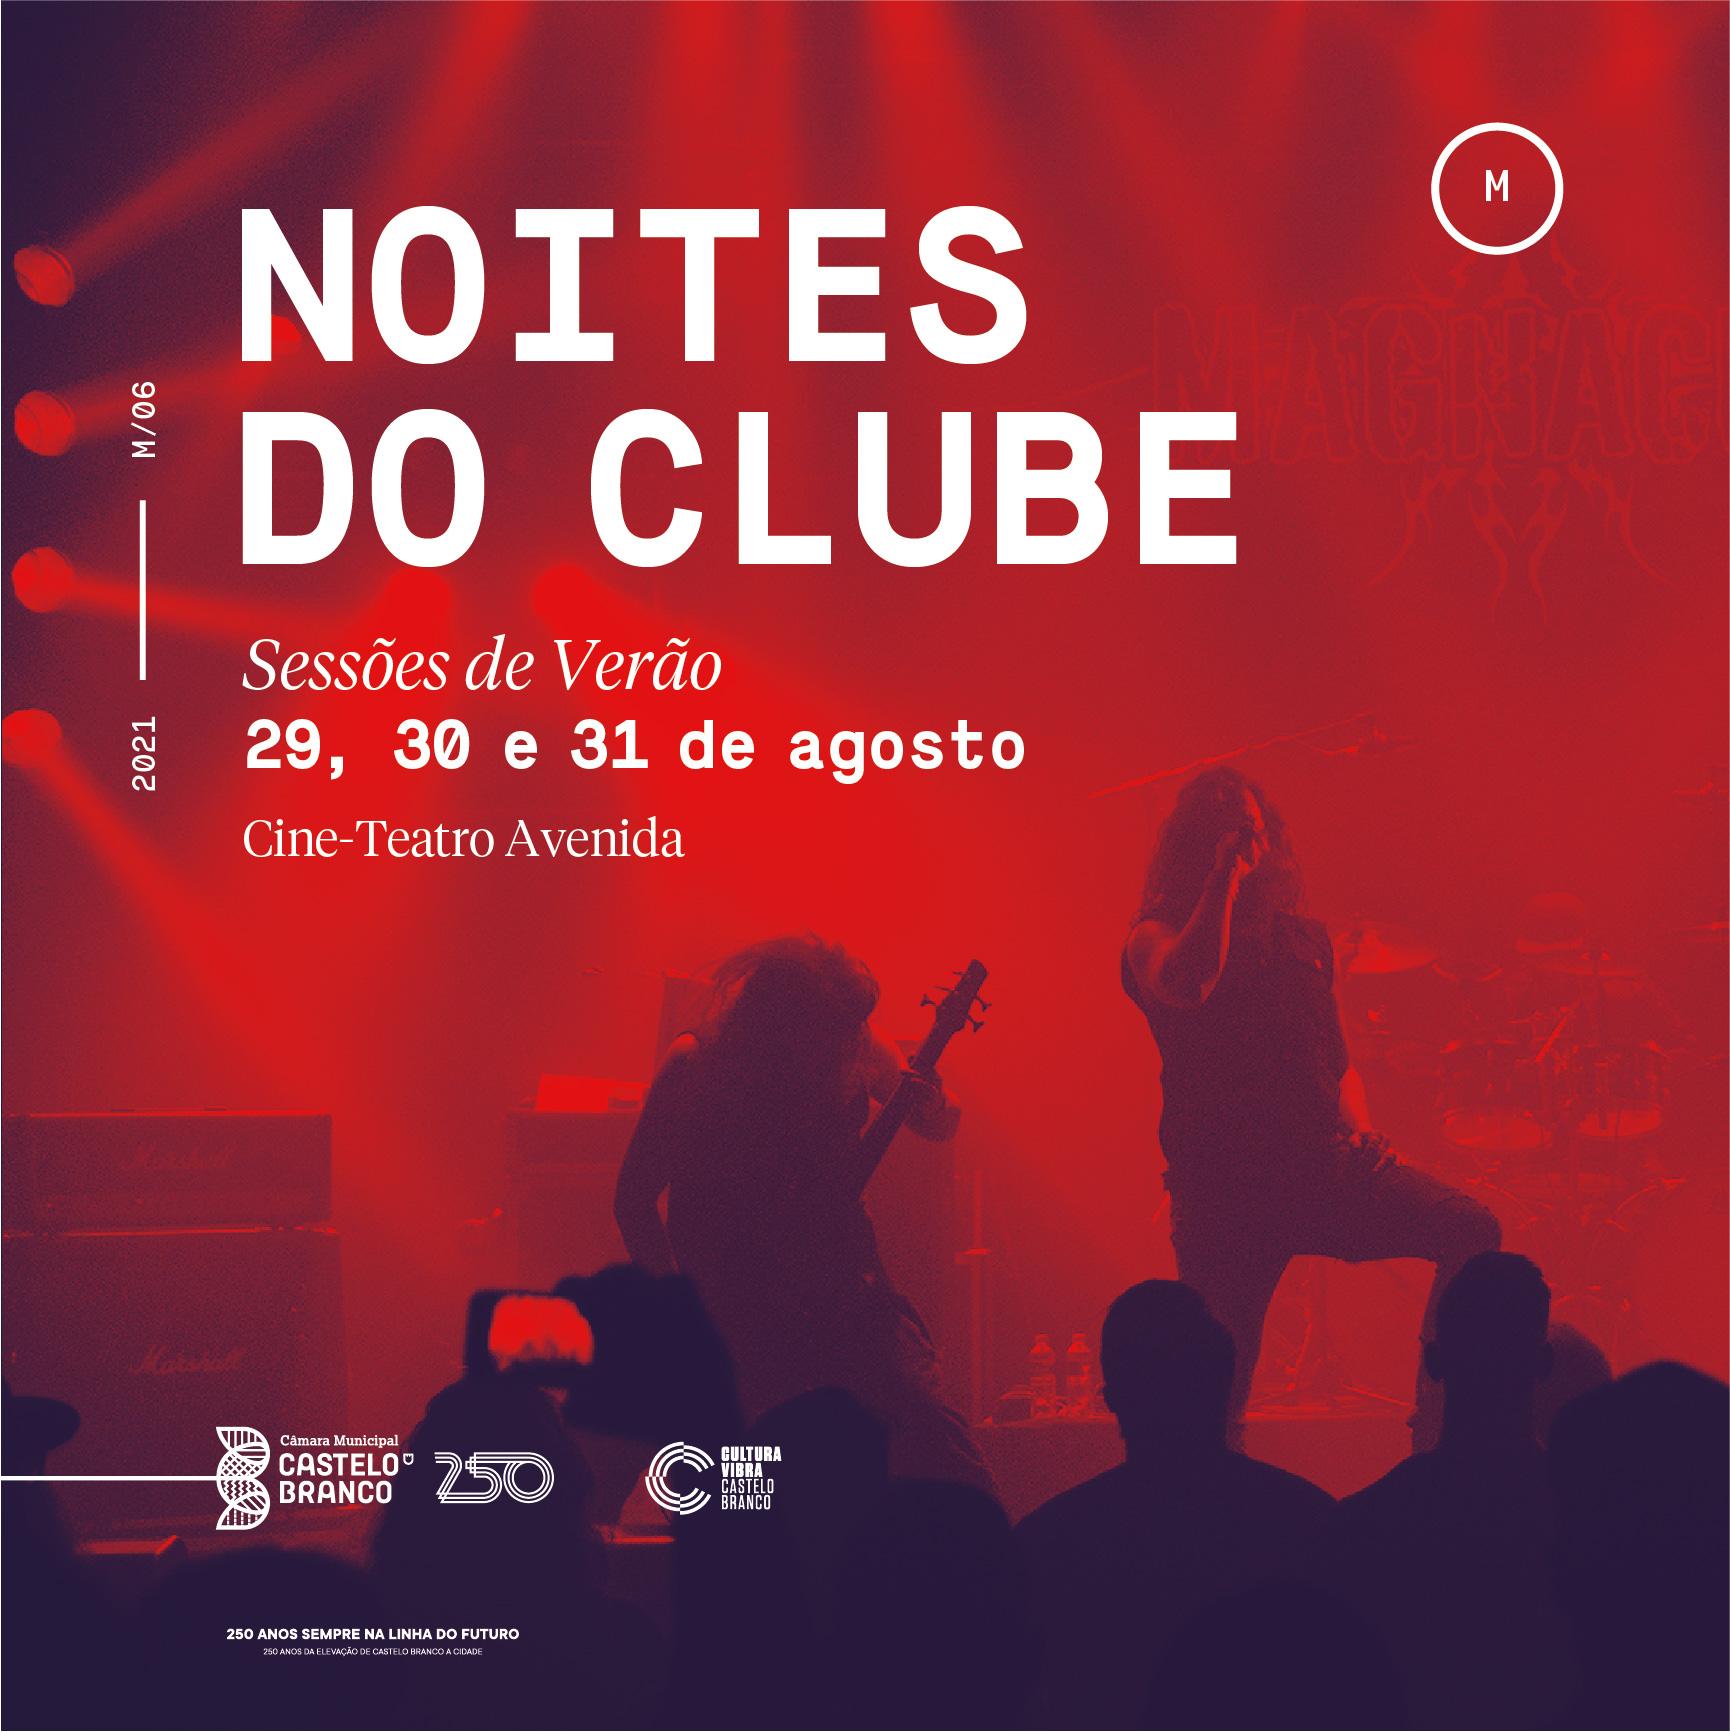 Noites do Clube - Sessões de Verão III